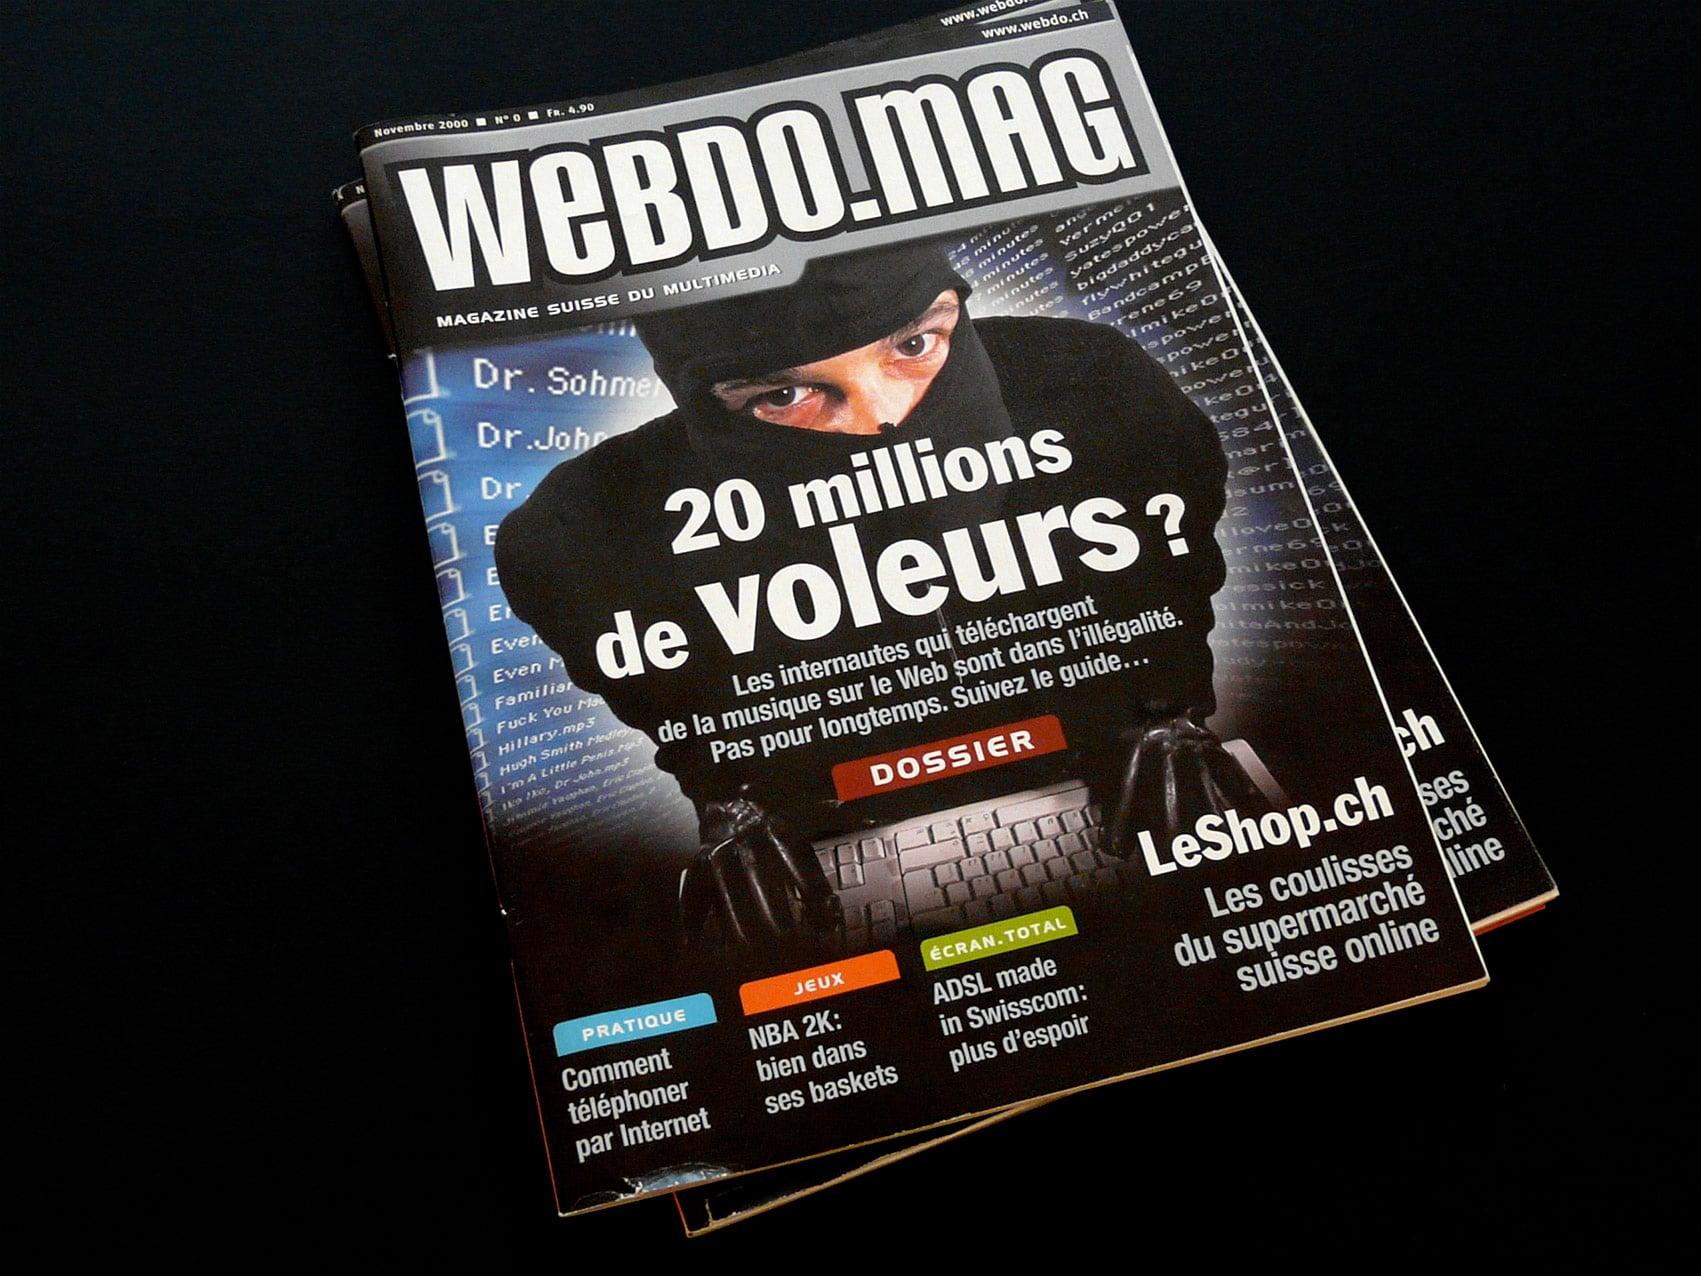 Magazine Webdomag - Création sur concours du numéro zéro couverture